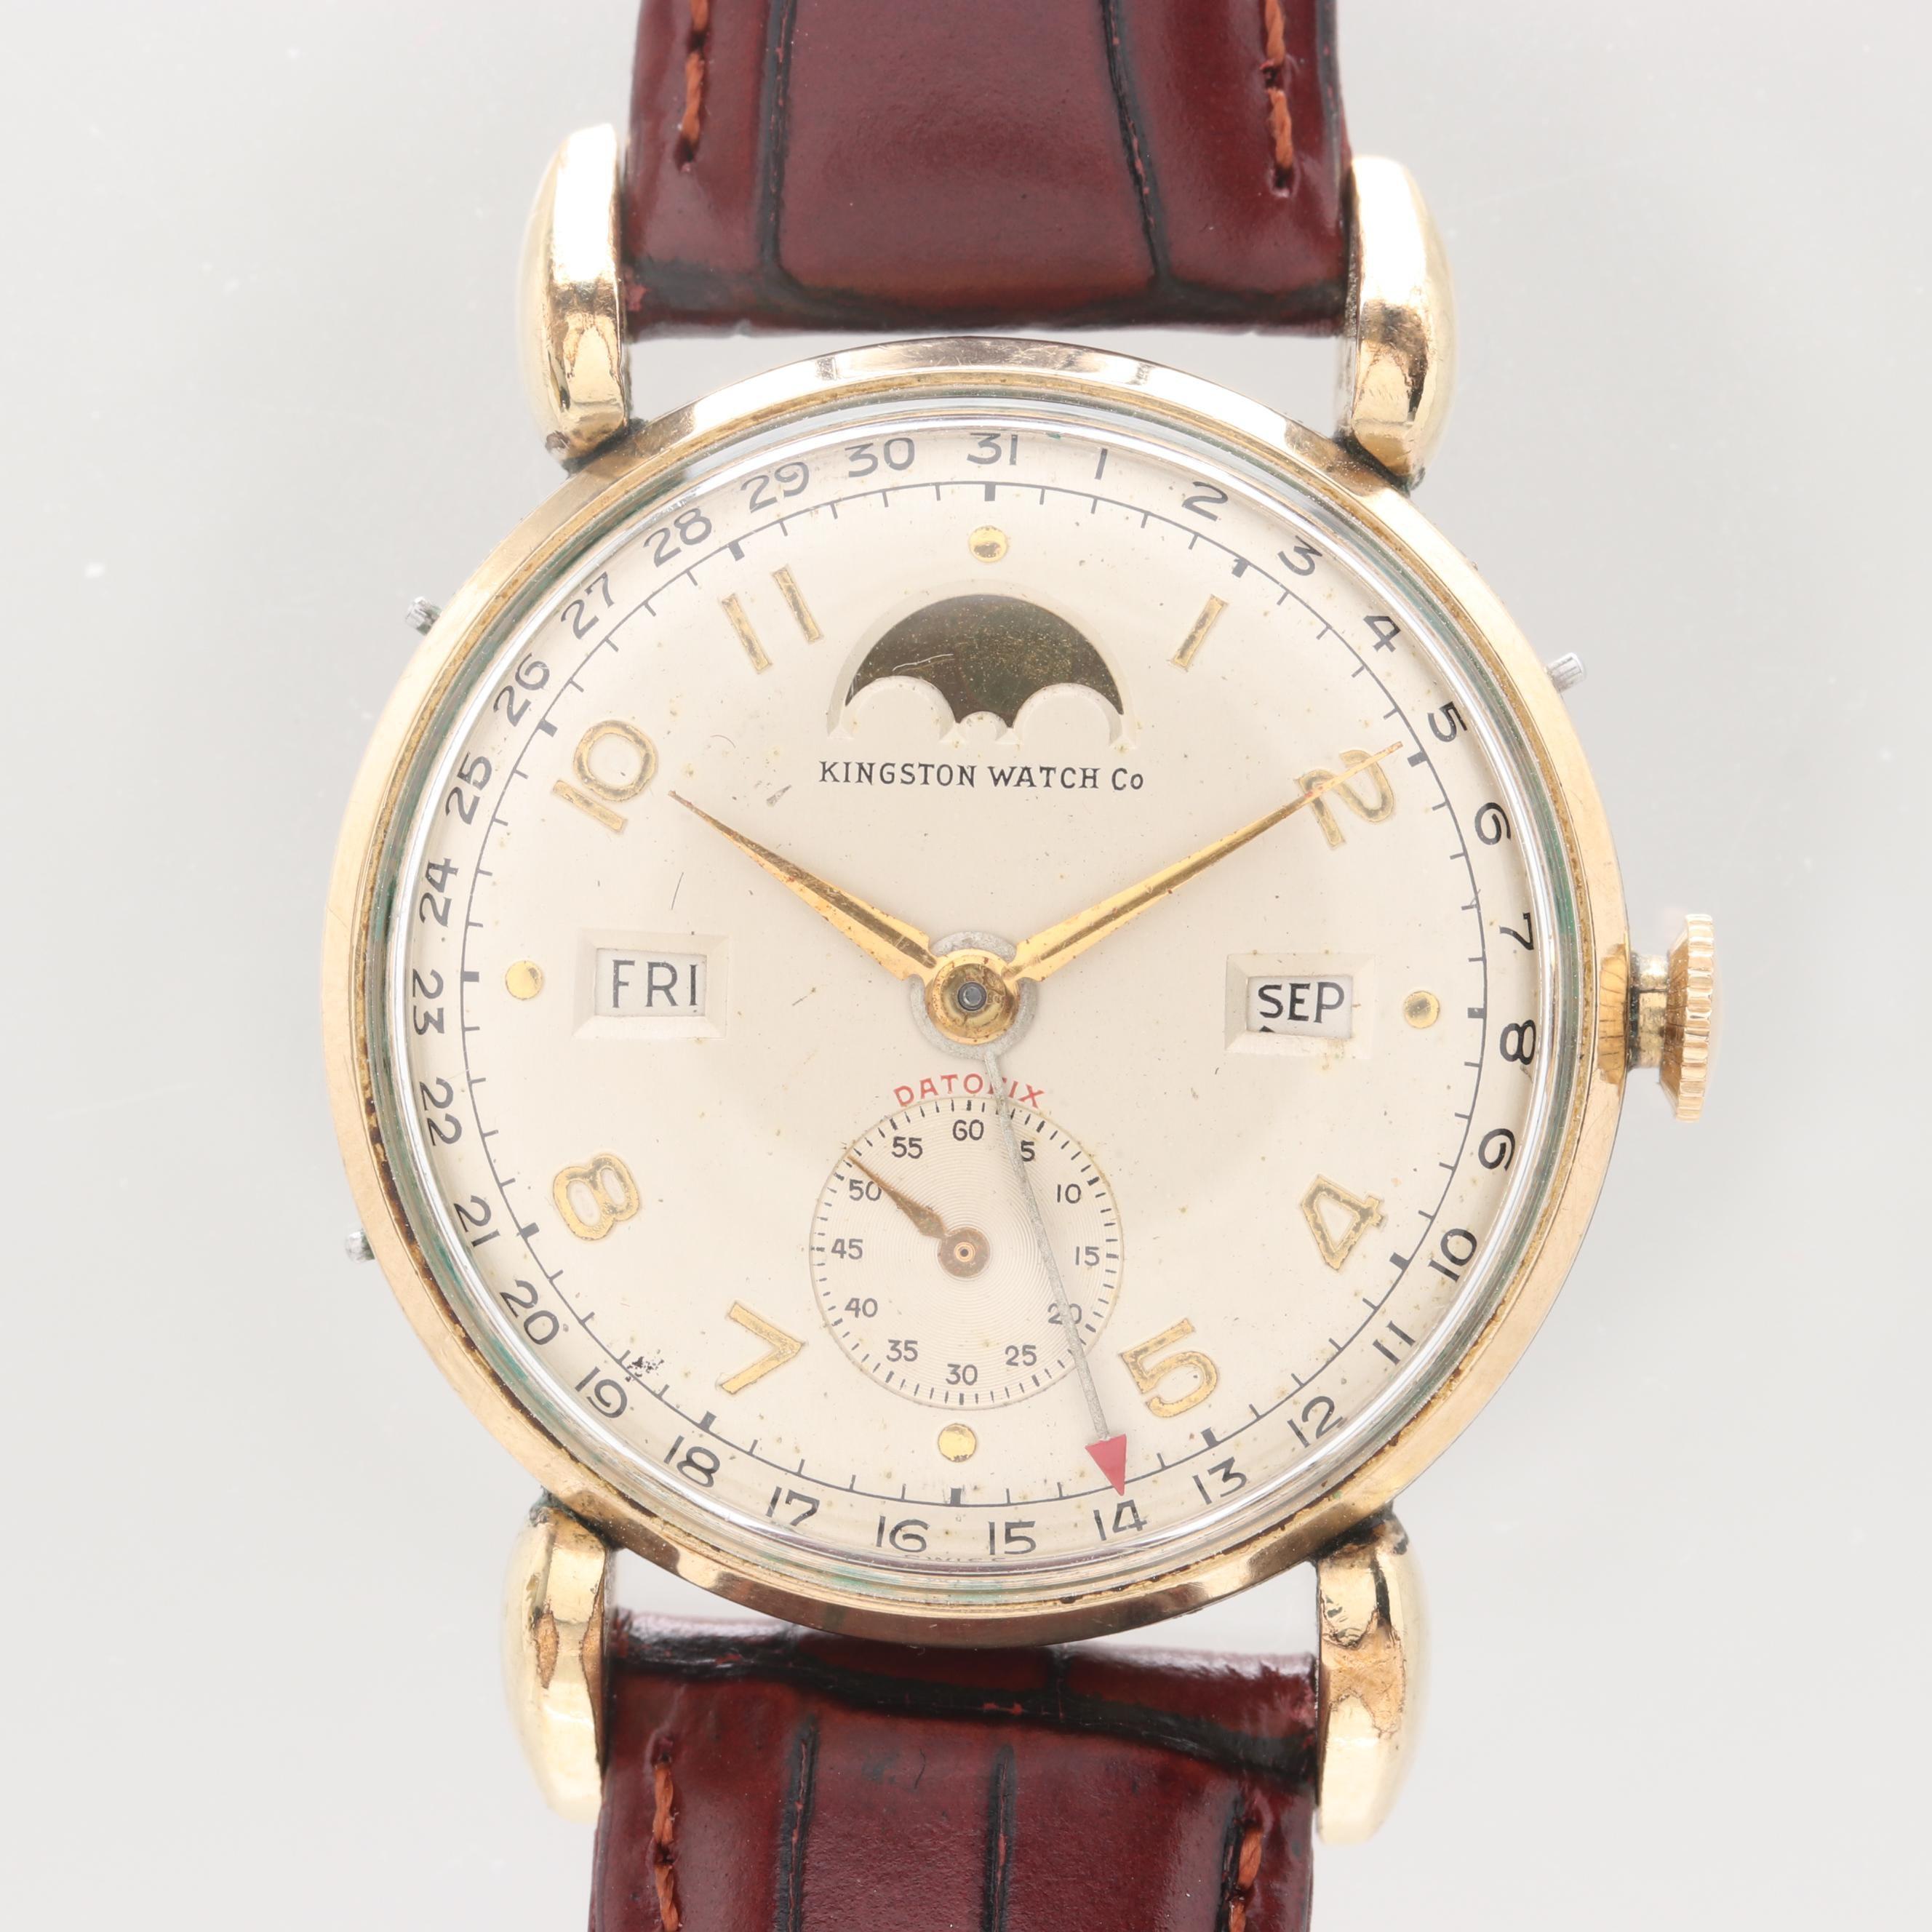 Kingston Watch Company Datofix Wristwatch